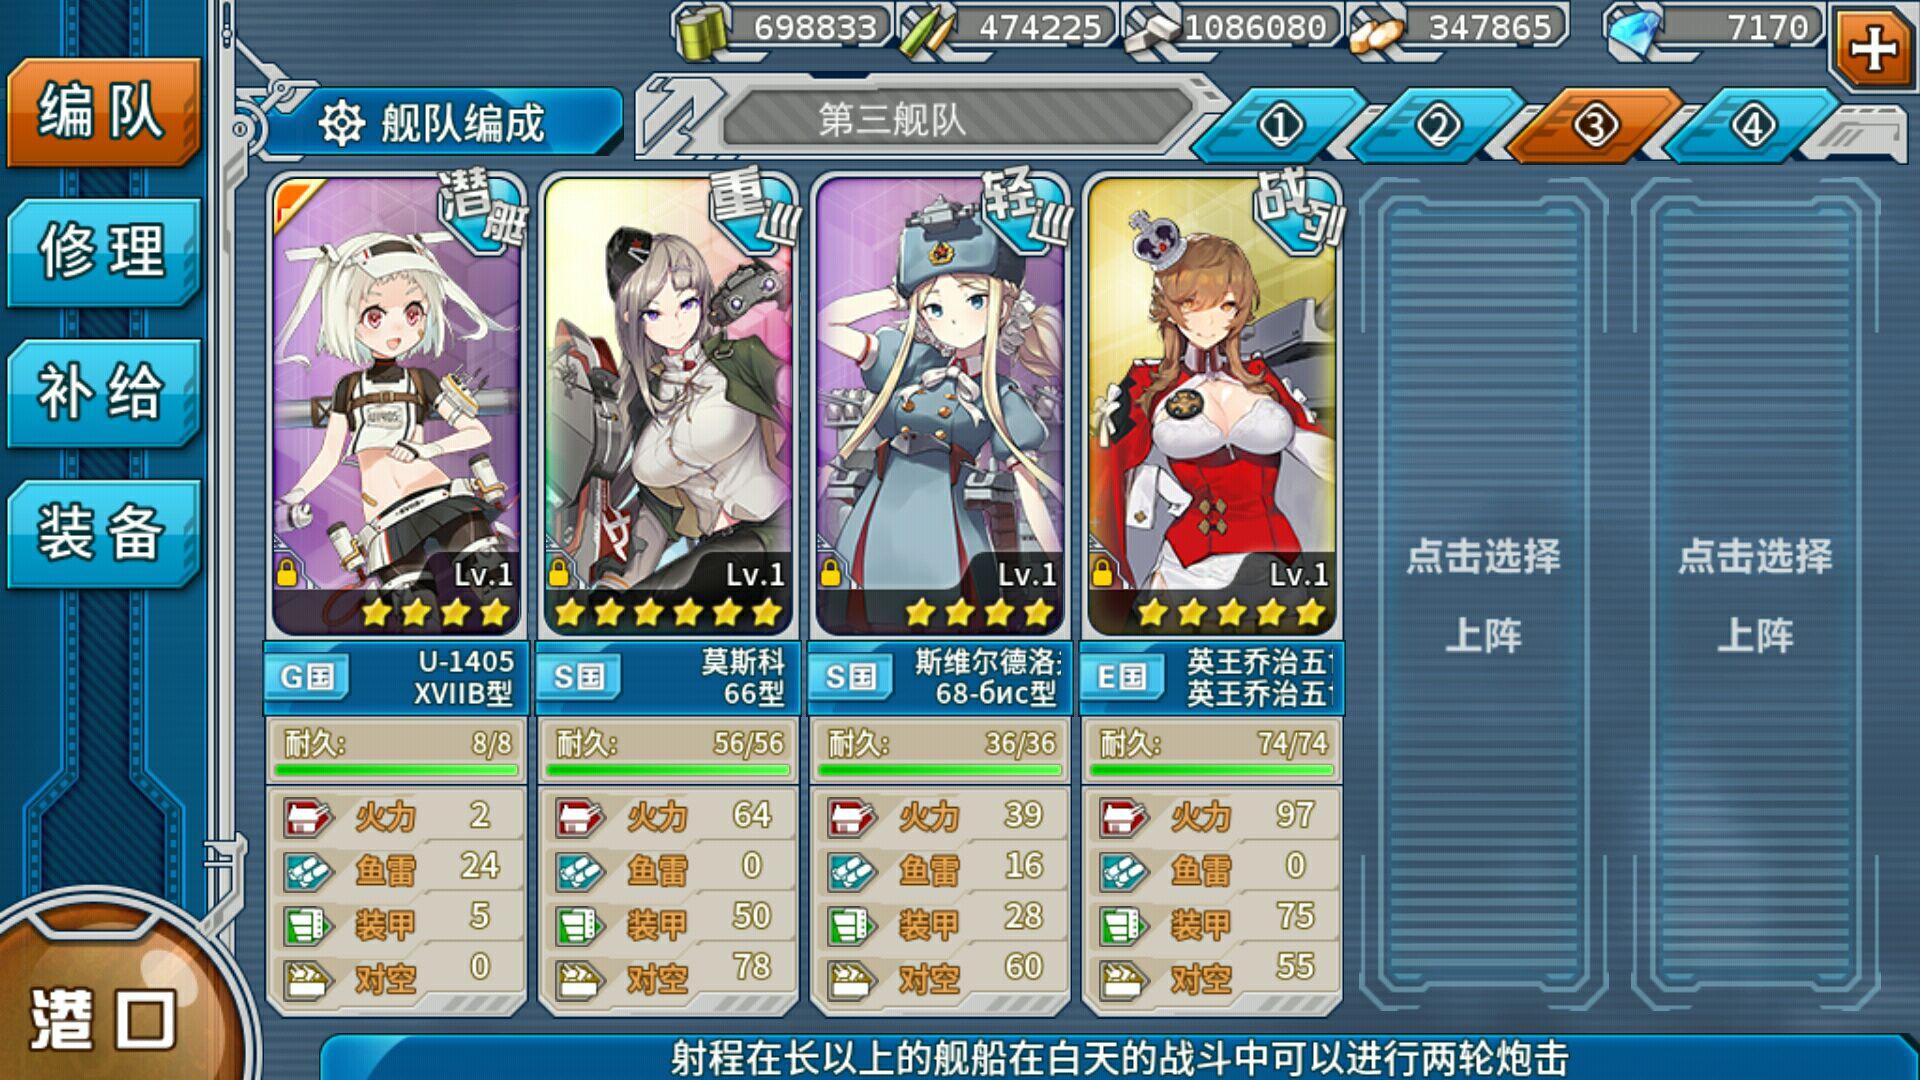 战舰少女R 5月生煎结果